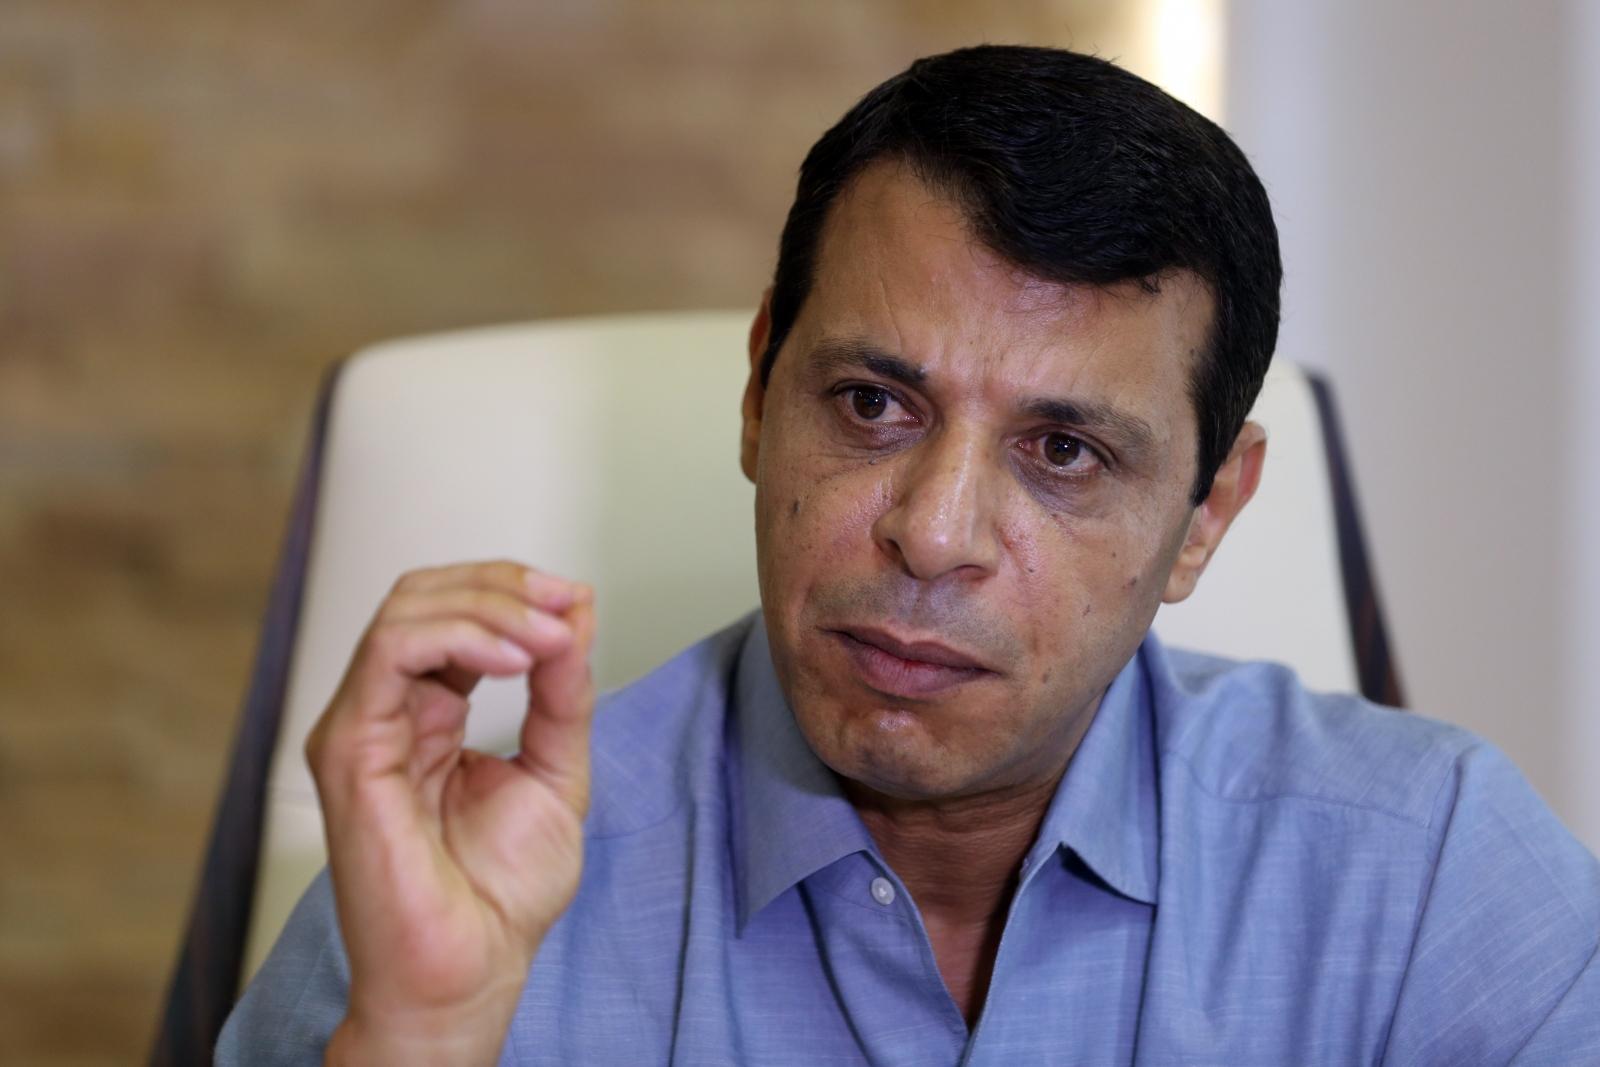 Mohammed Dahlan Fatah